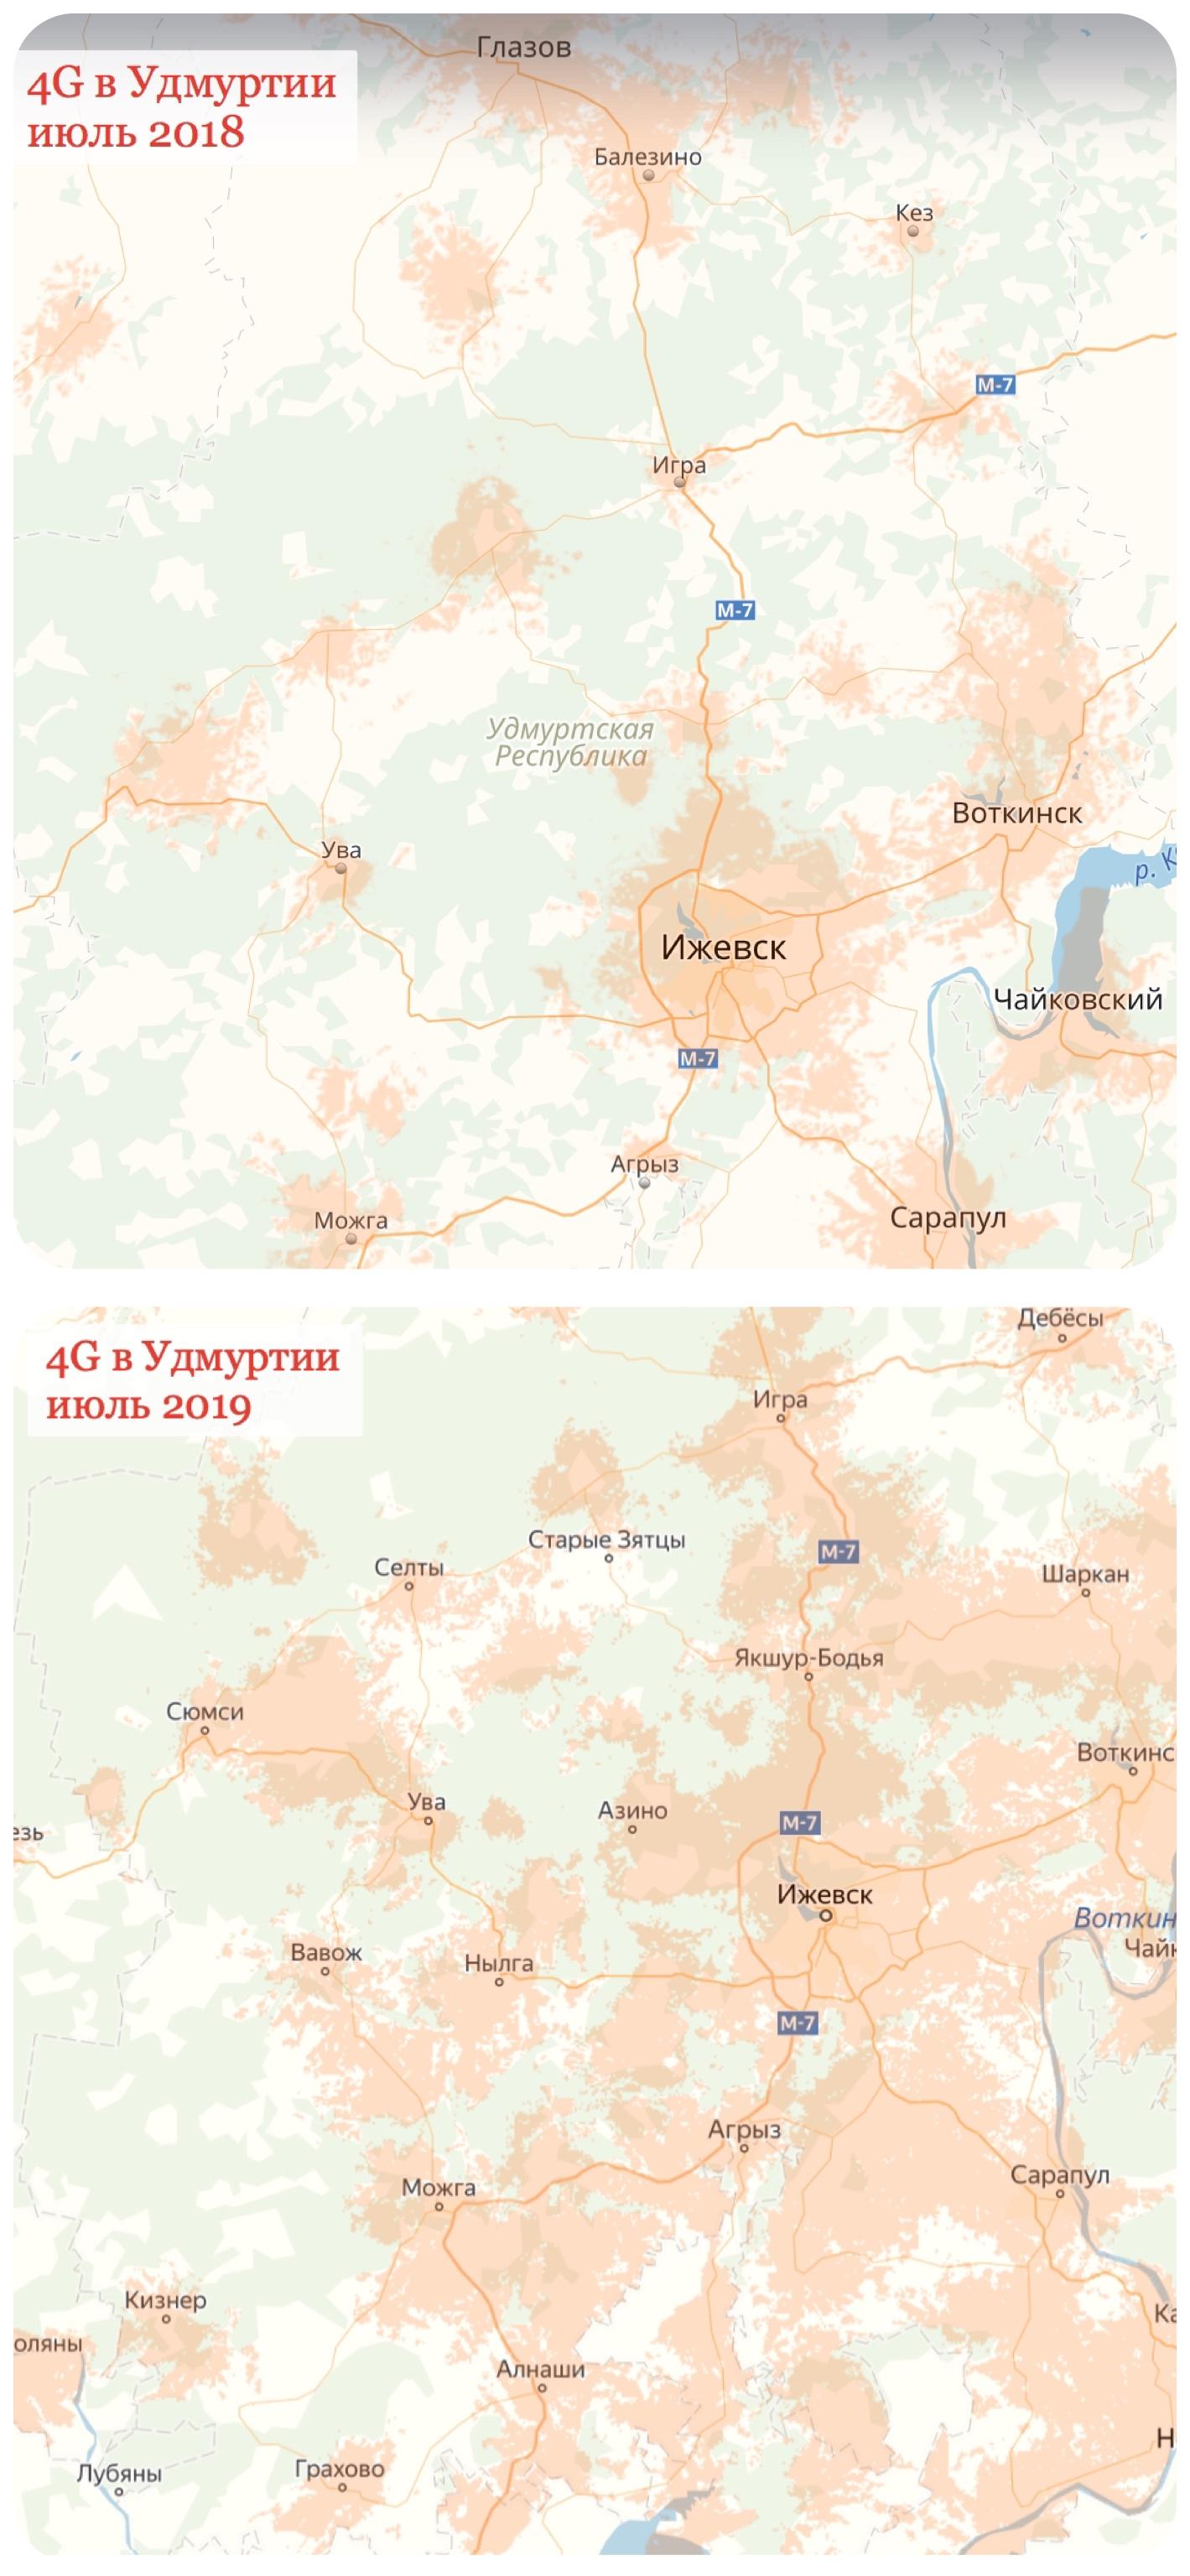 Карты покрытия 4G Tele2 2018/2019 годы